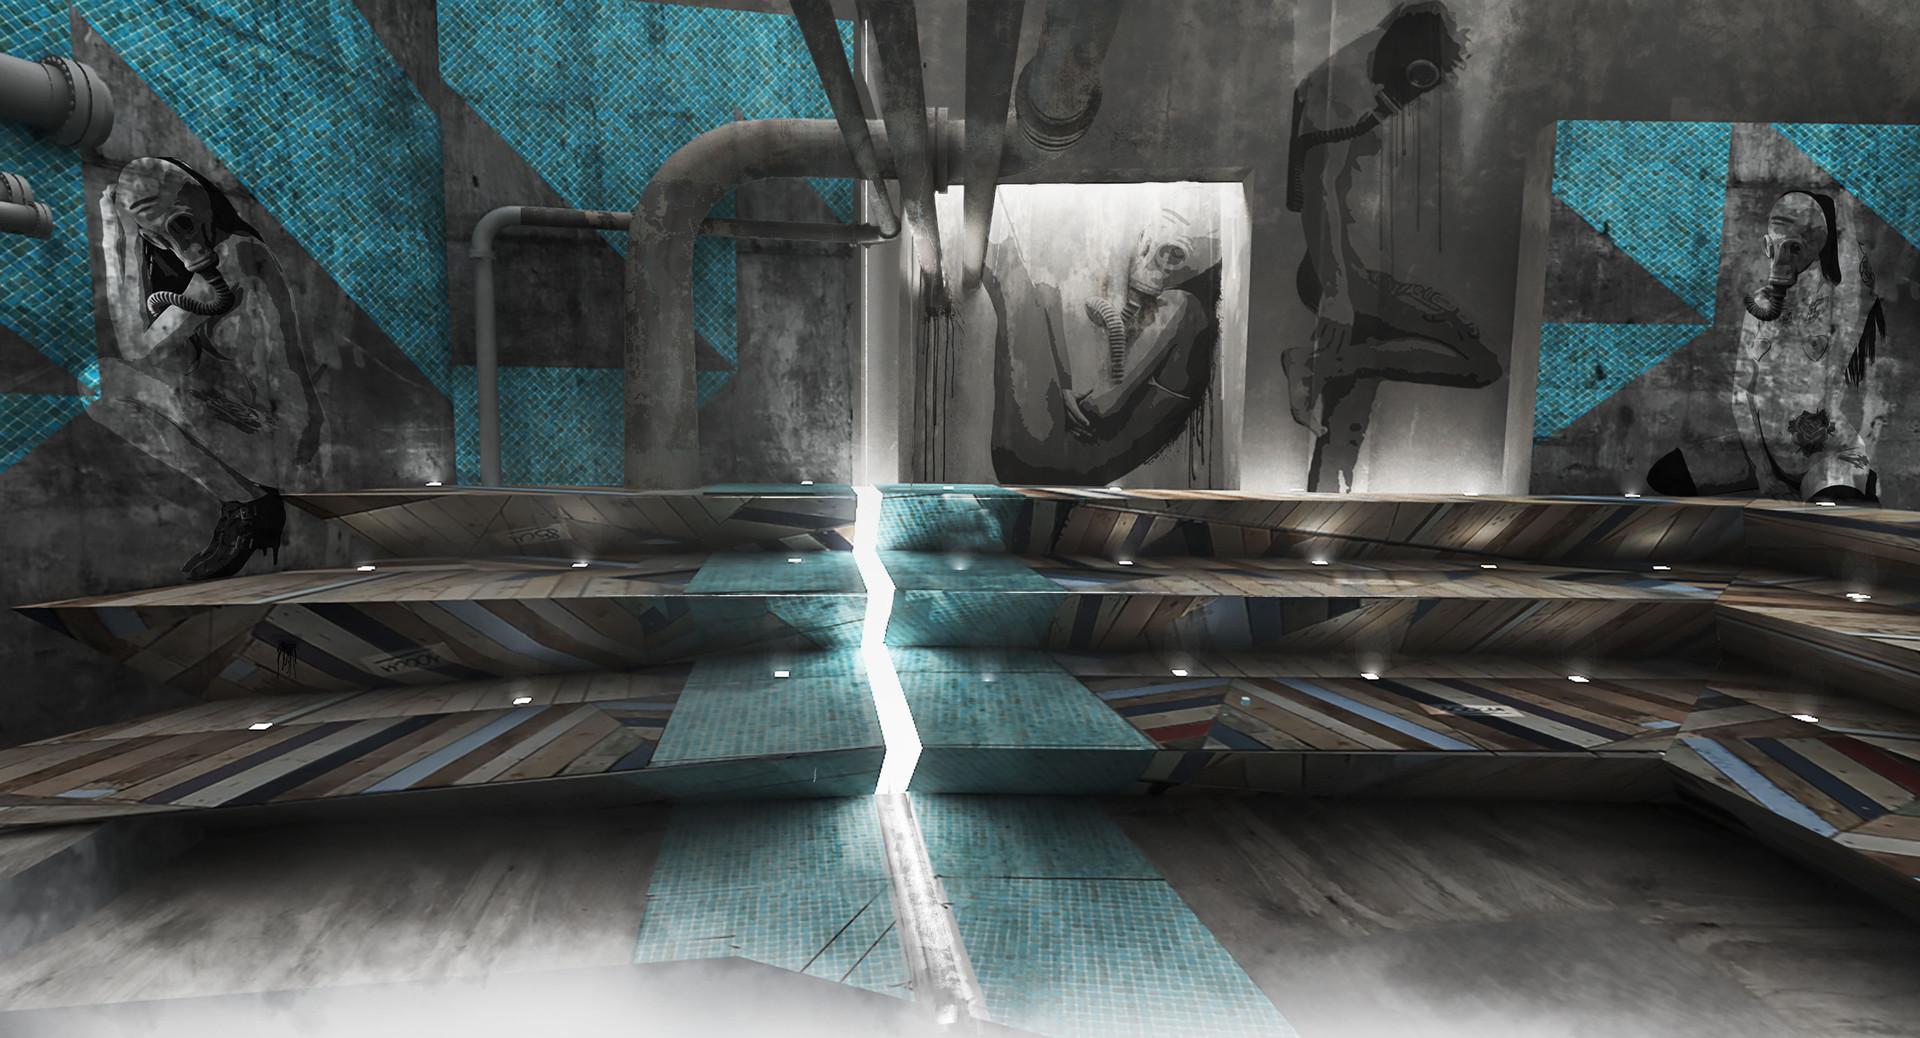 Zoolander 2, Steam Room